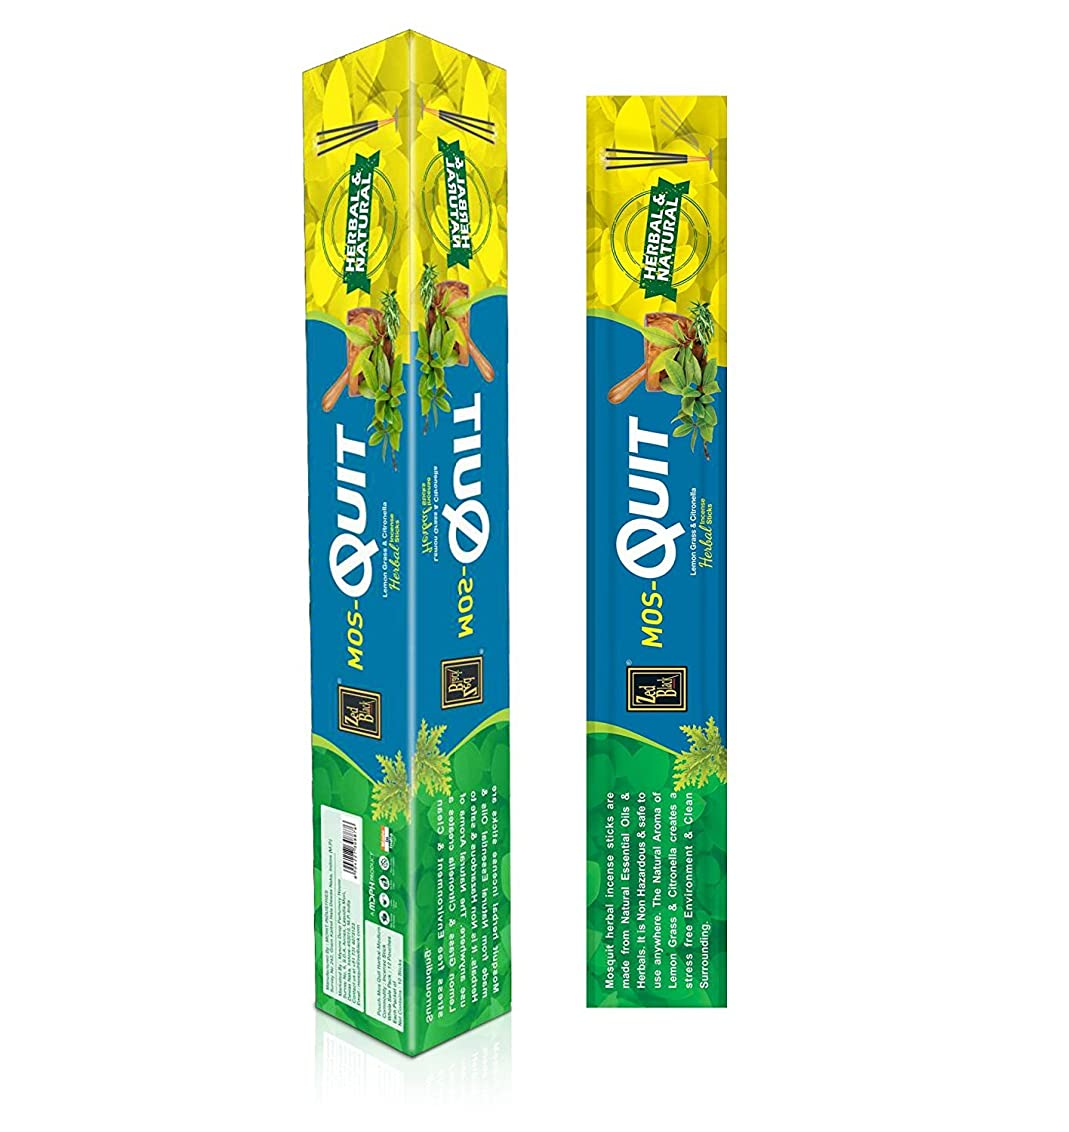 先のことを考える太平洋諸島むしゃむしゃMosquit Incense Sticks?–?120ハーブスティック?–?Mosquito Repellent自然な香りSticks?–?効果的な& worthy-madeから天然エッセンシャルオイル、ハーブ製品?–?Scented Oil Sticks